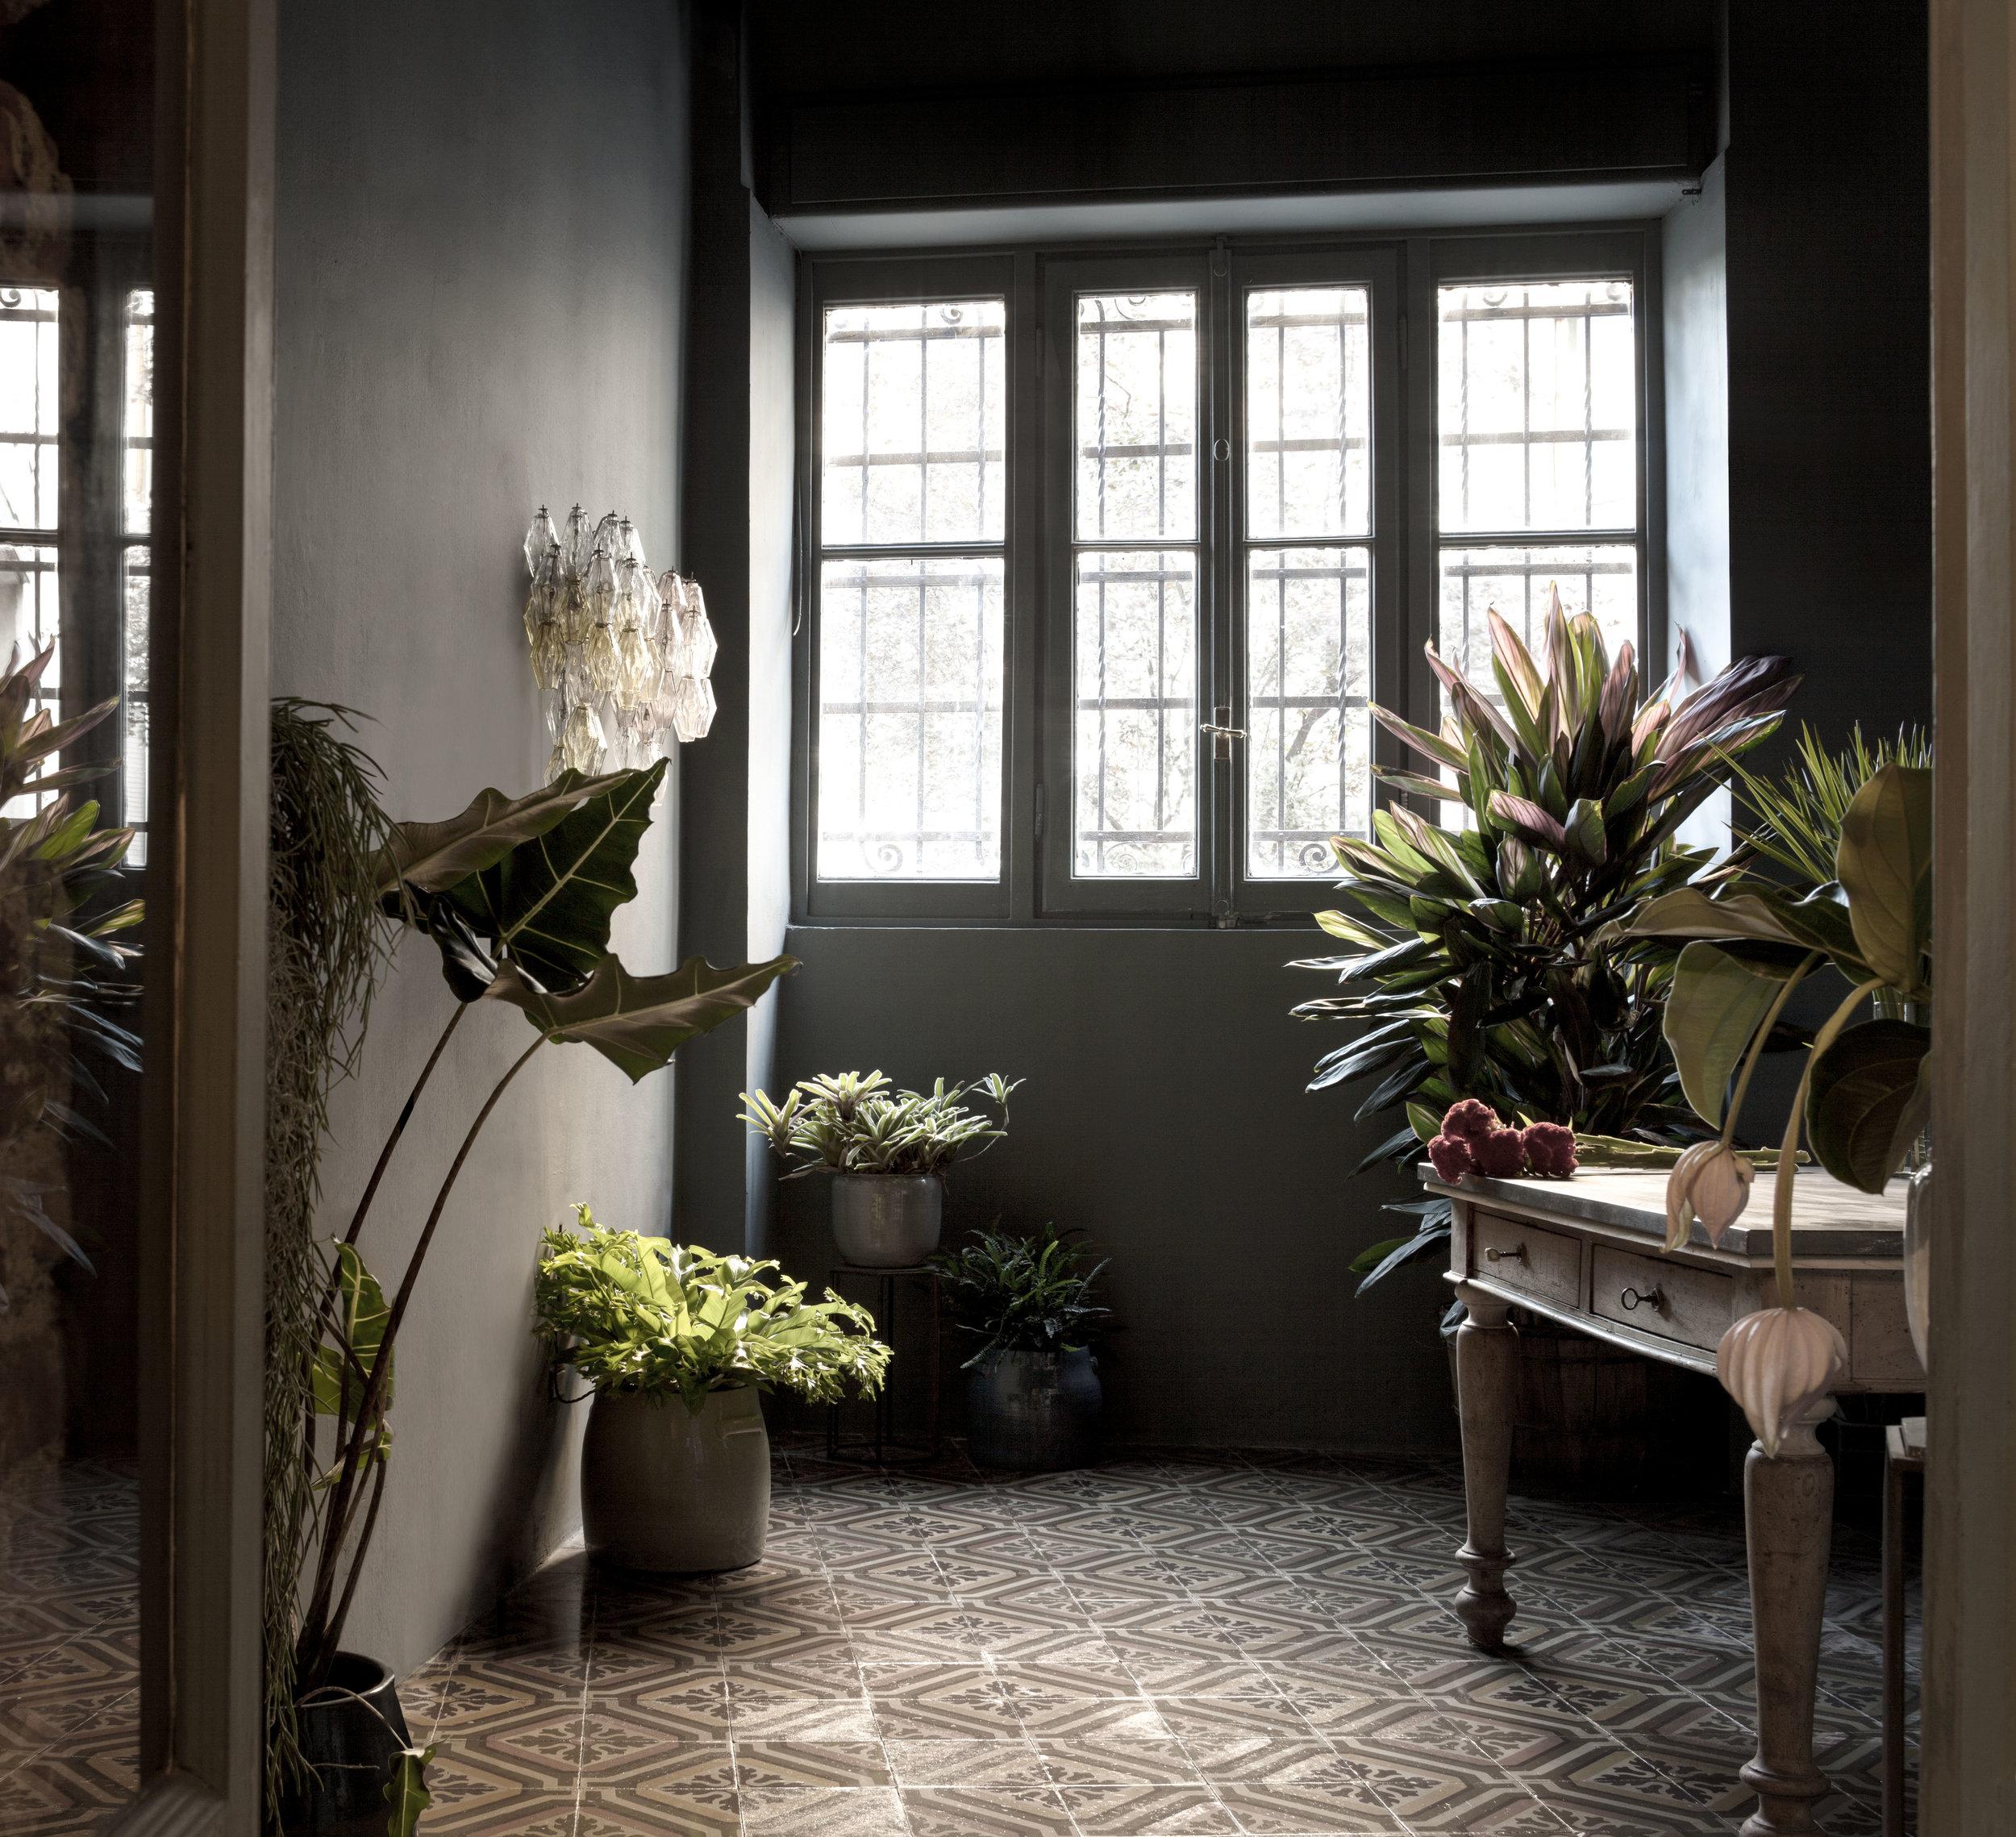 Intervista - L'estetica come luogo di sperimentazione costanteGrazie VilleGiardini !